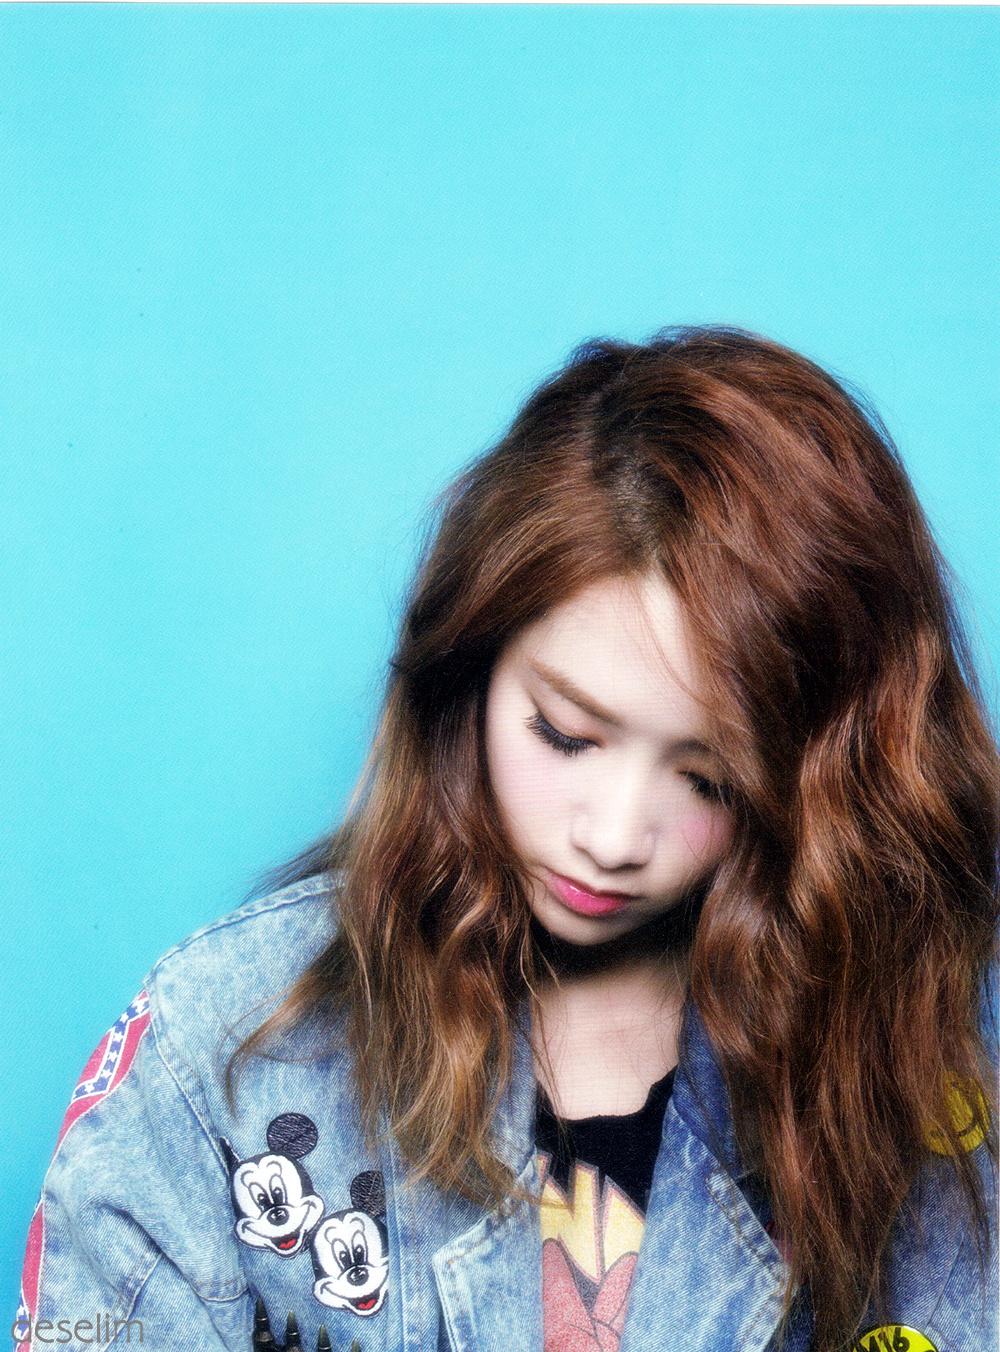 Yoona SNSD 2013: 2013